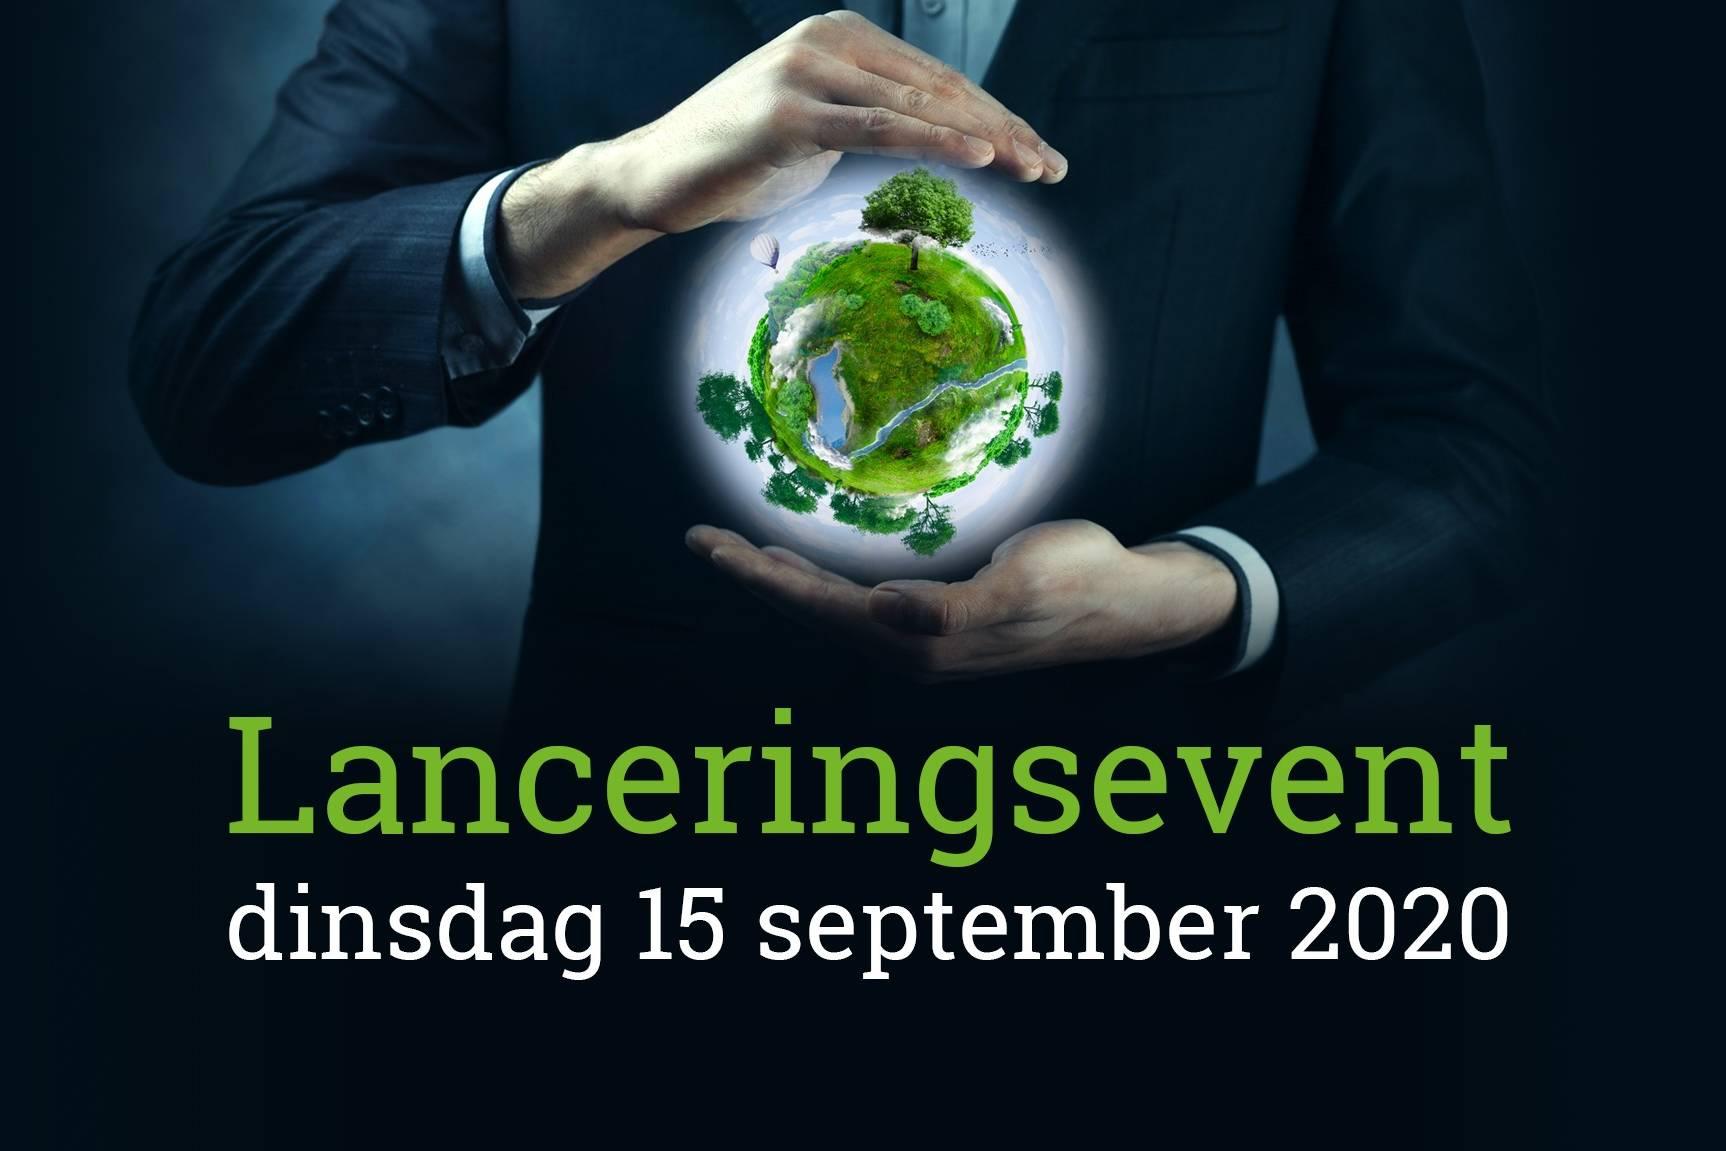 Lanceringsevent 15/09/2020